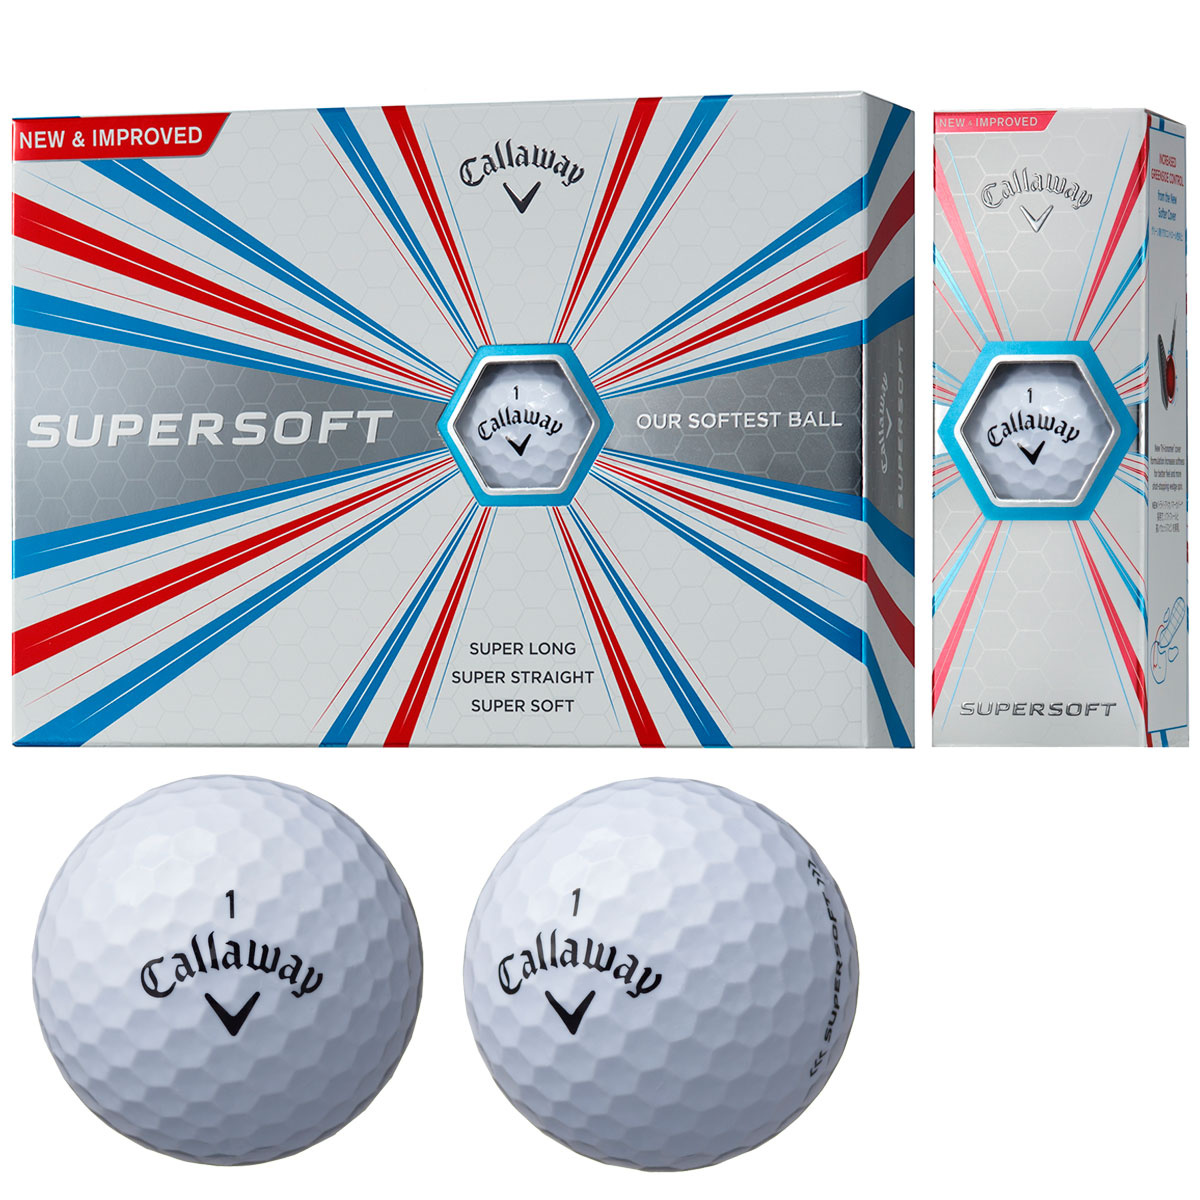 スーパーソフト ボール 2017年モデル